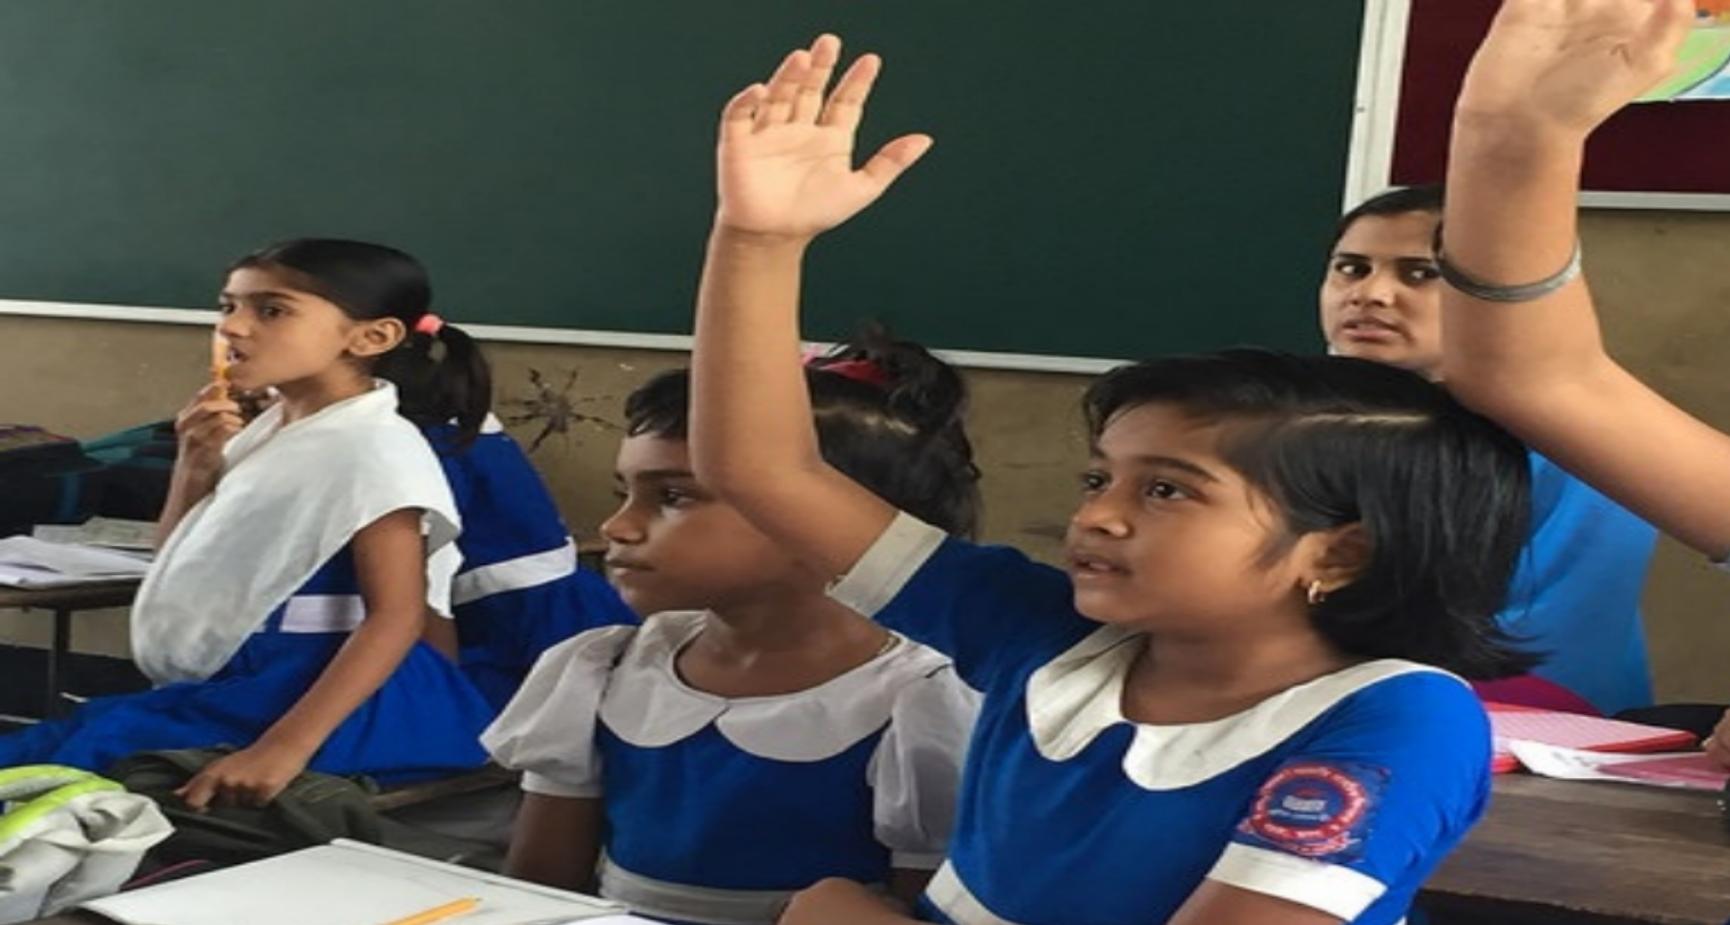 ঈদের পরে শিক্ষাপ্রতিষ্ঠান খোলার পরিবর্তিত তারিখ ঘোষণা